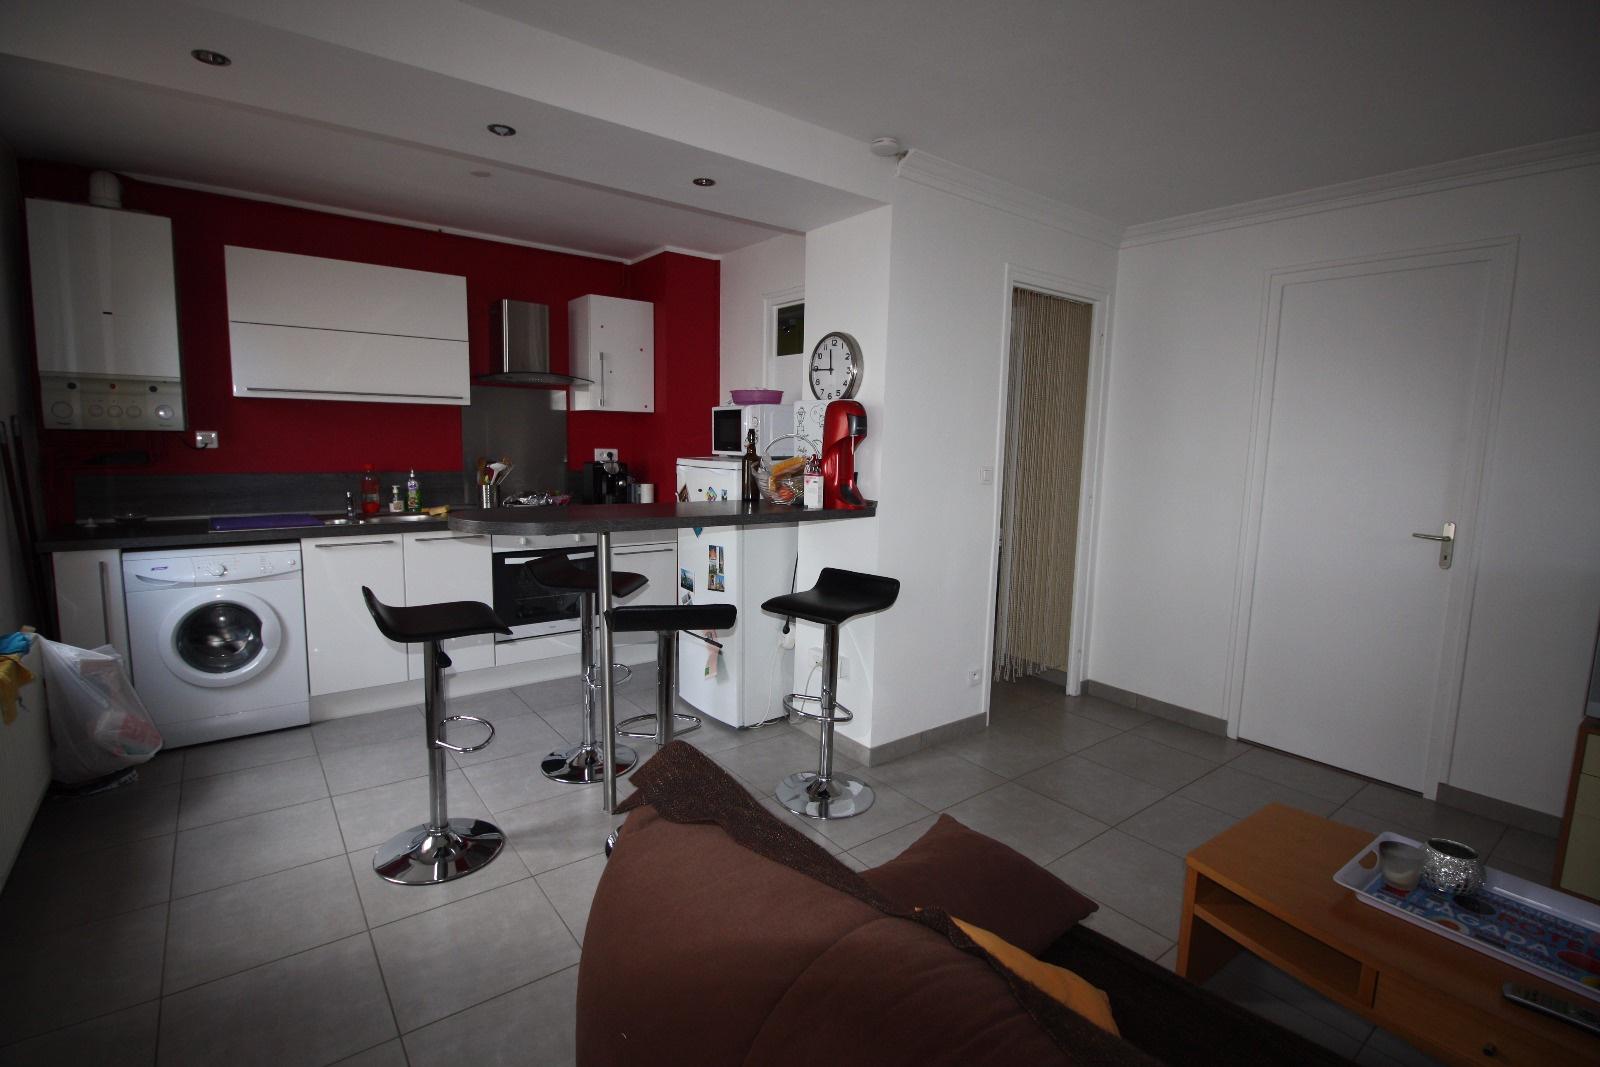 Location villeurbanne vaulx en velin et plus - Appartement meuble villeurbanne ...